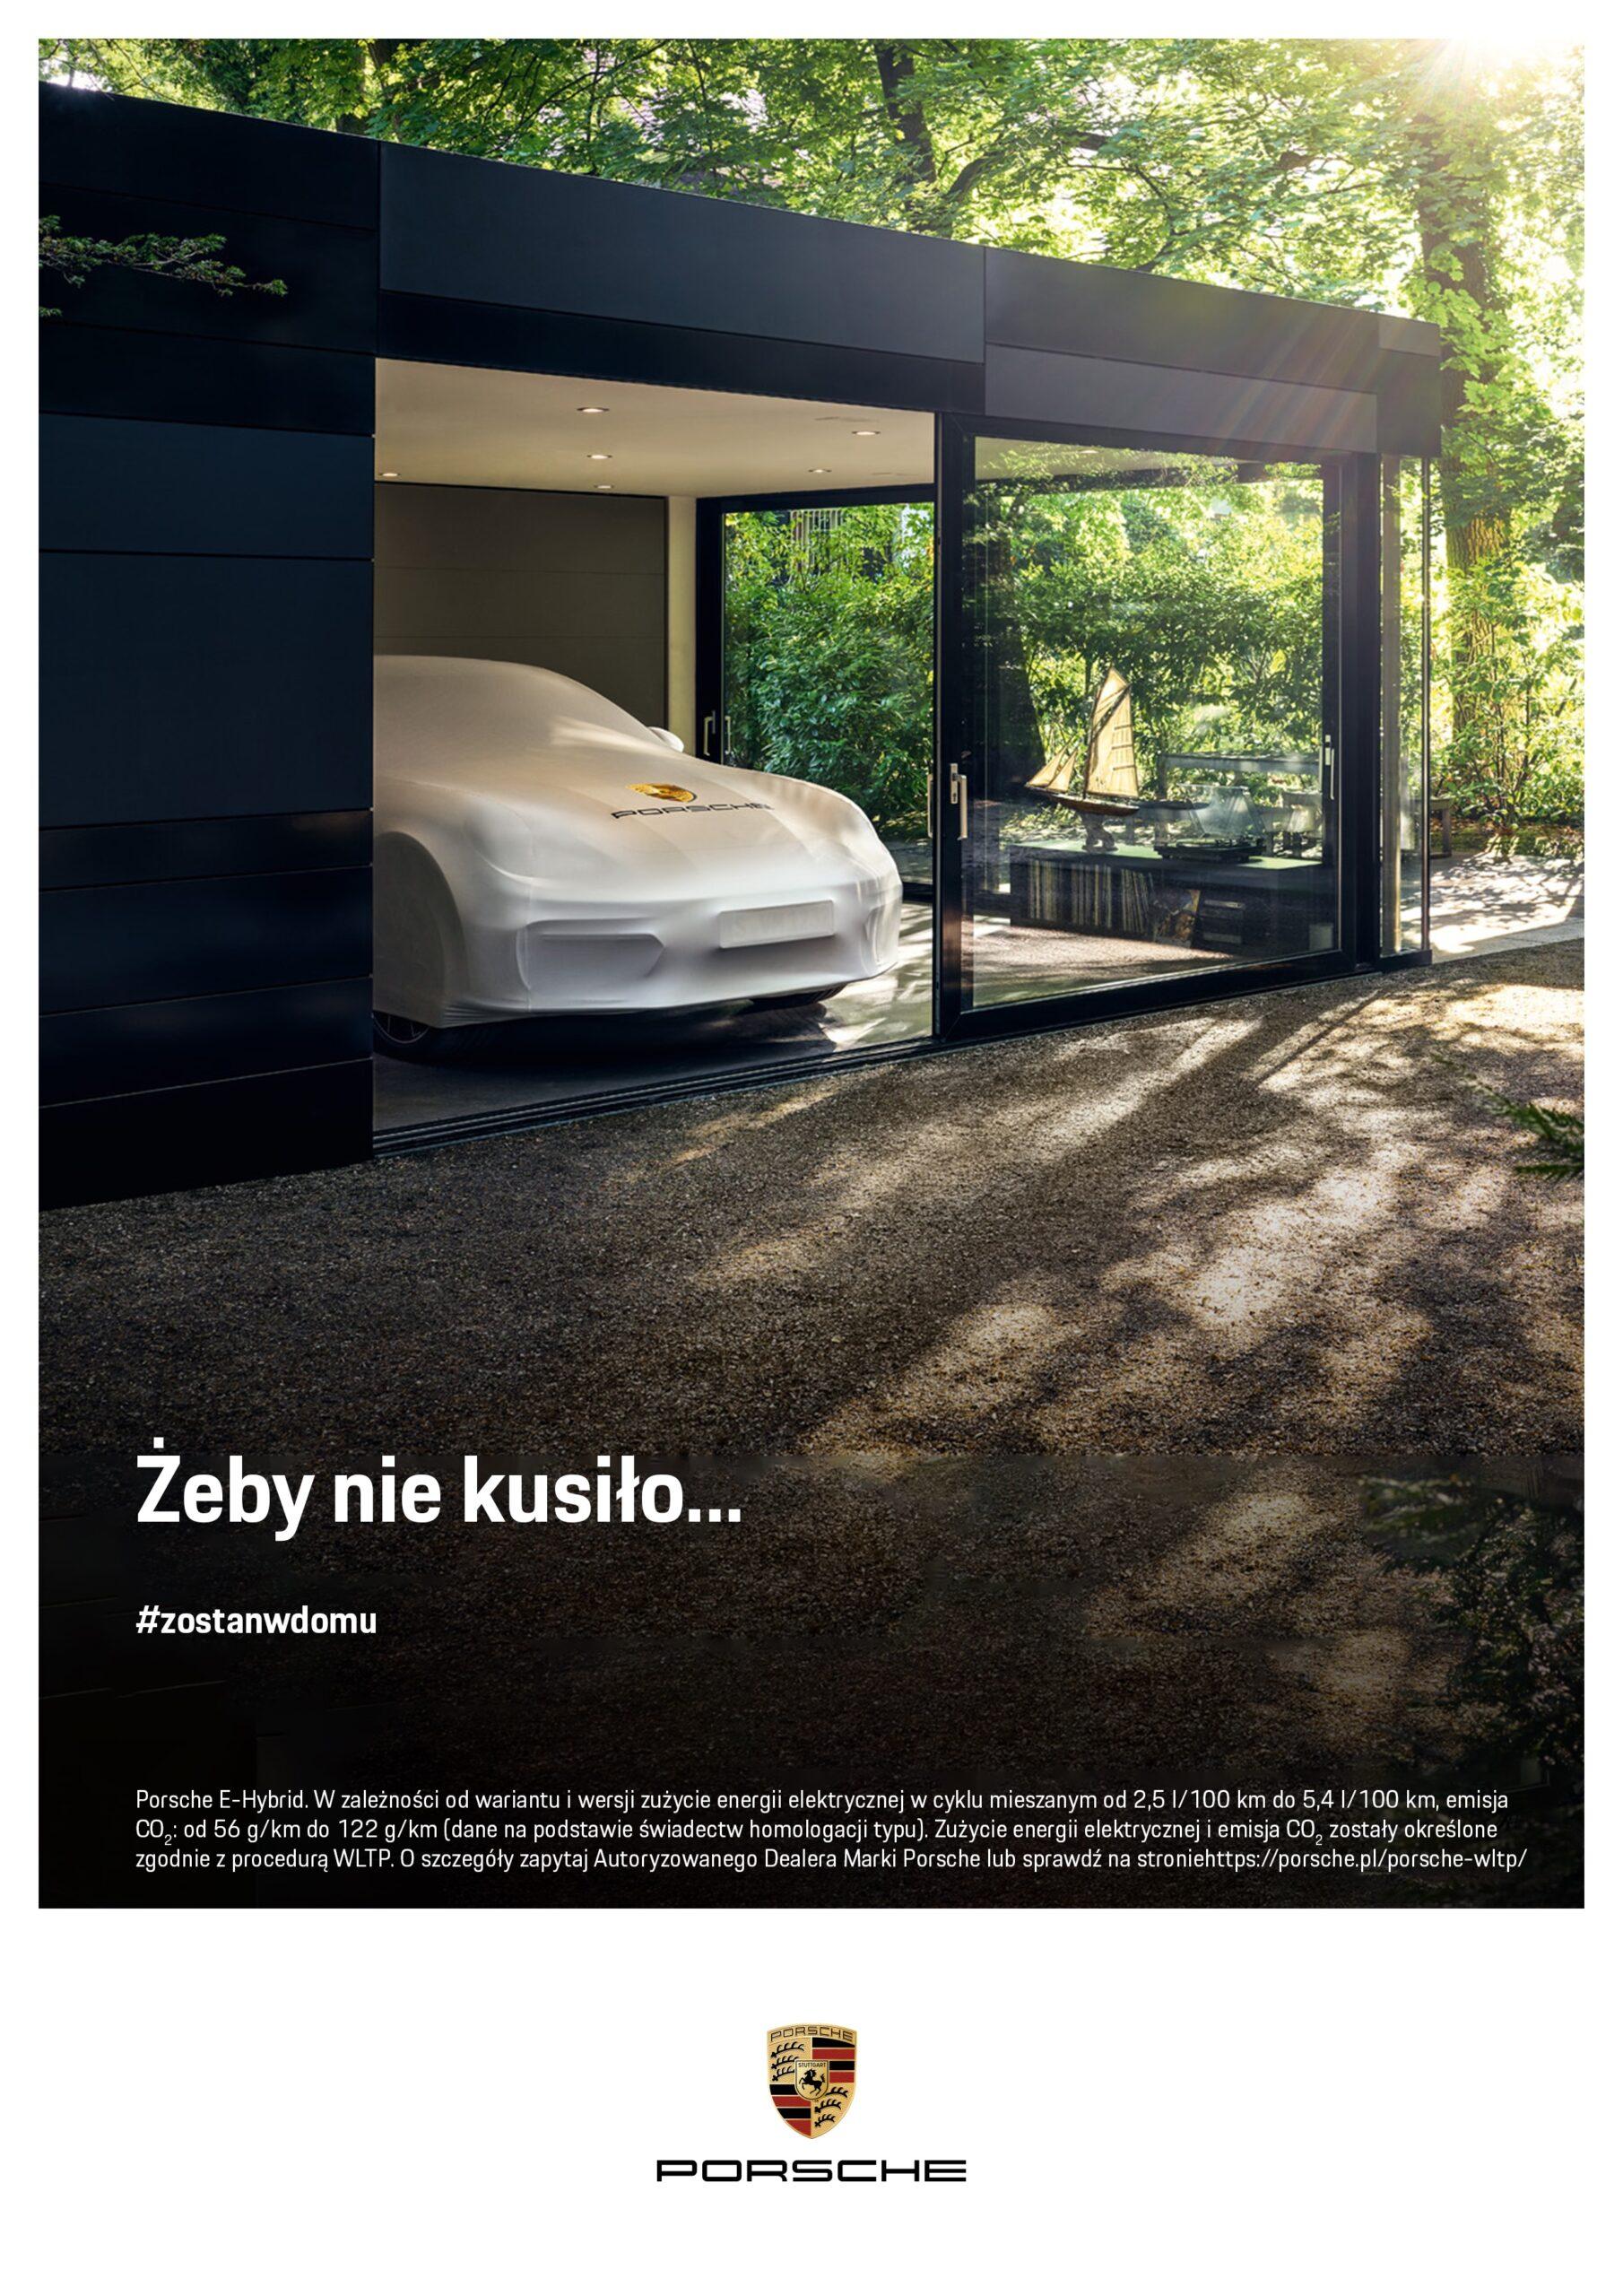 """mediarun Porsche Zostań w domu Żeby nie kusiło 132 scaled brand Porche Polska z nową kampanią reklamową – """"Żeby nie kusiło!"""""""